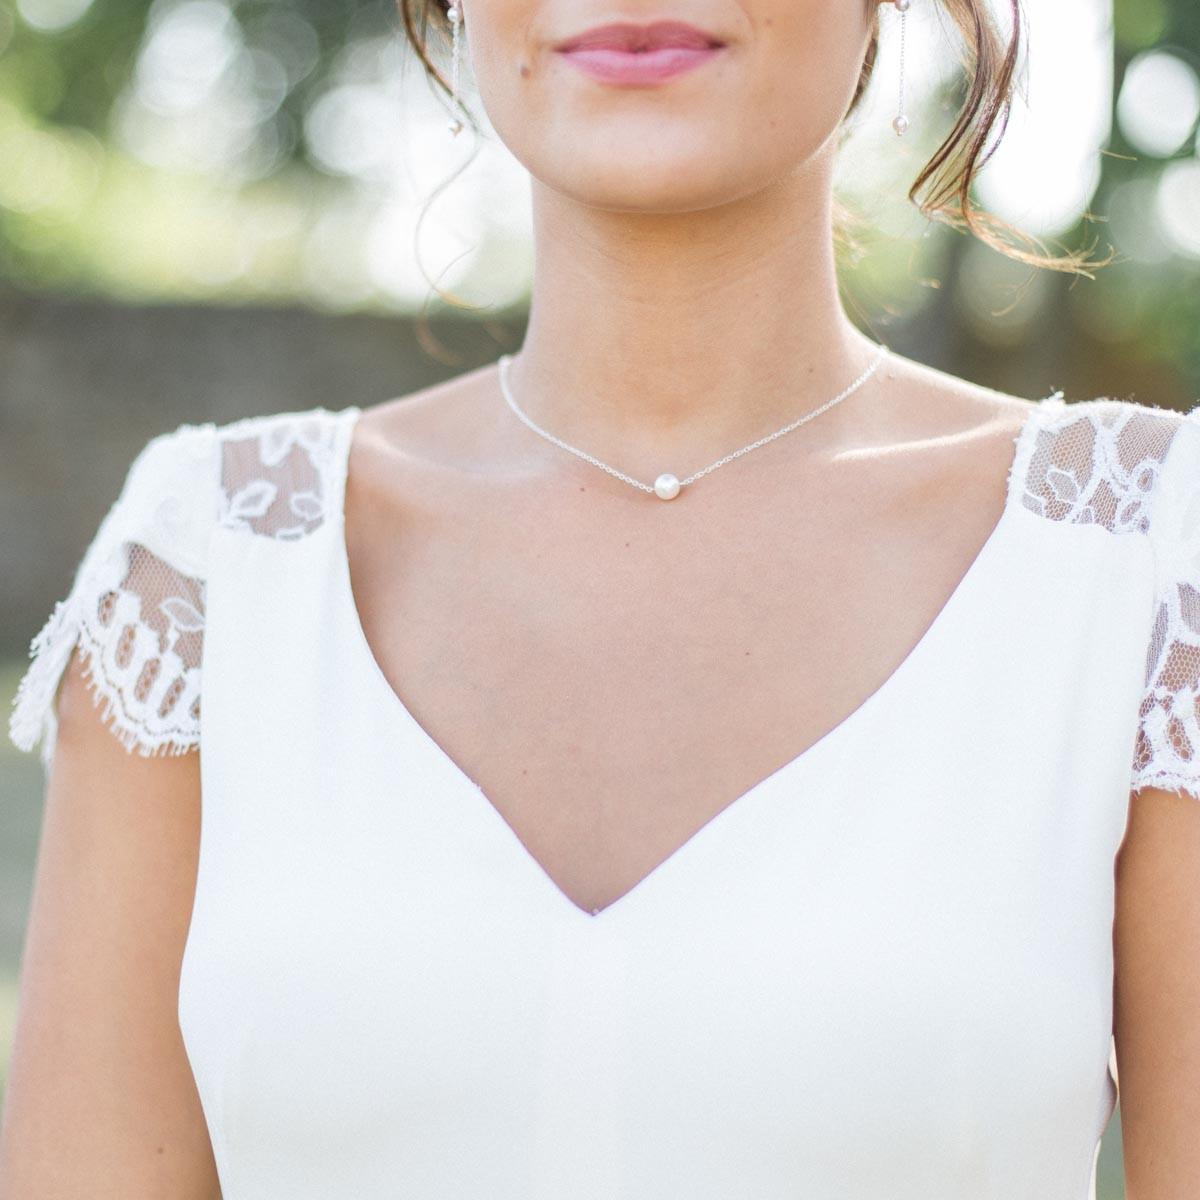 collier perle dos nu mariage